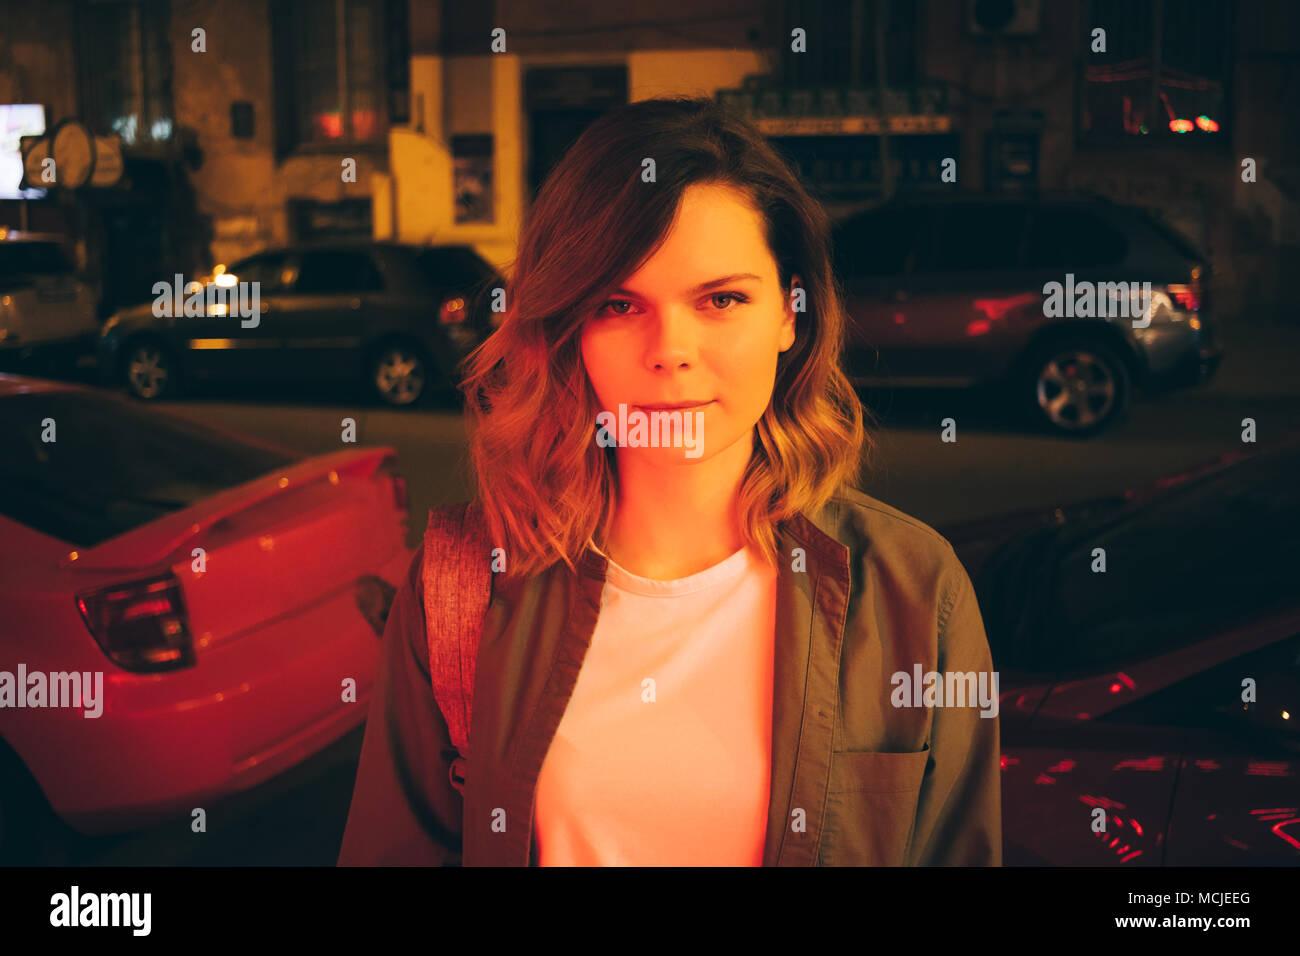 8bb7f46e6b63 Ritratto di attraente giovane donna indossa abbigliamento casual di notte  nel rosso luce al neon. Hipster ragazza è in piedi su una strada di città  ...